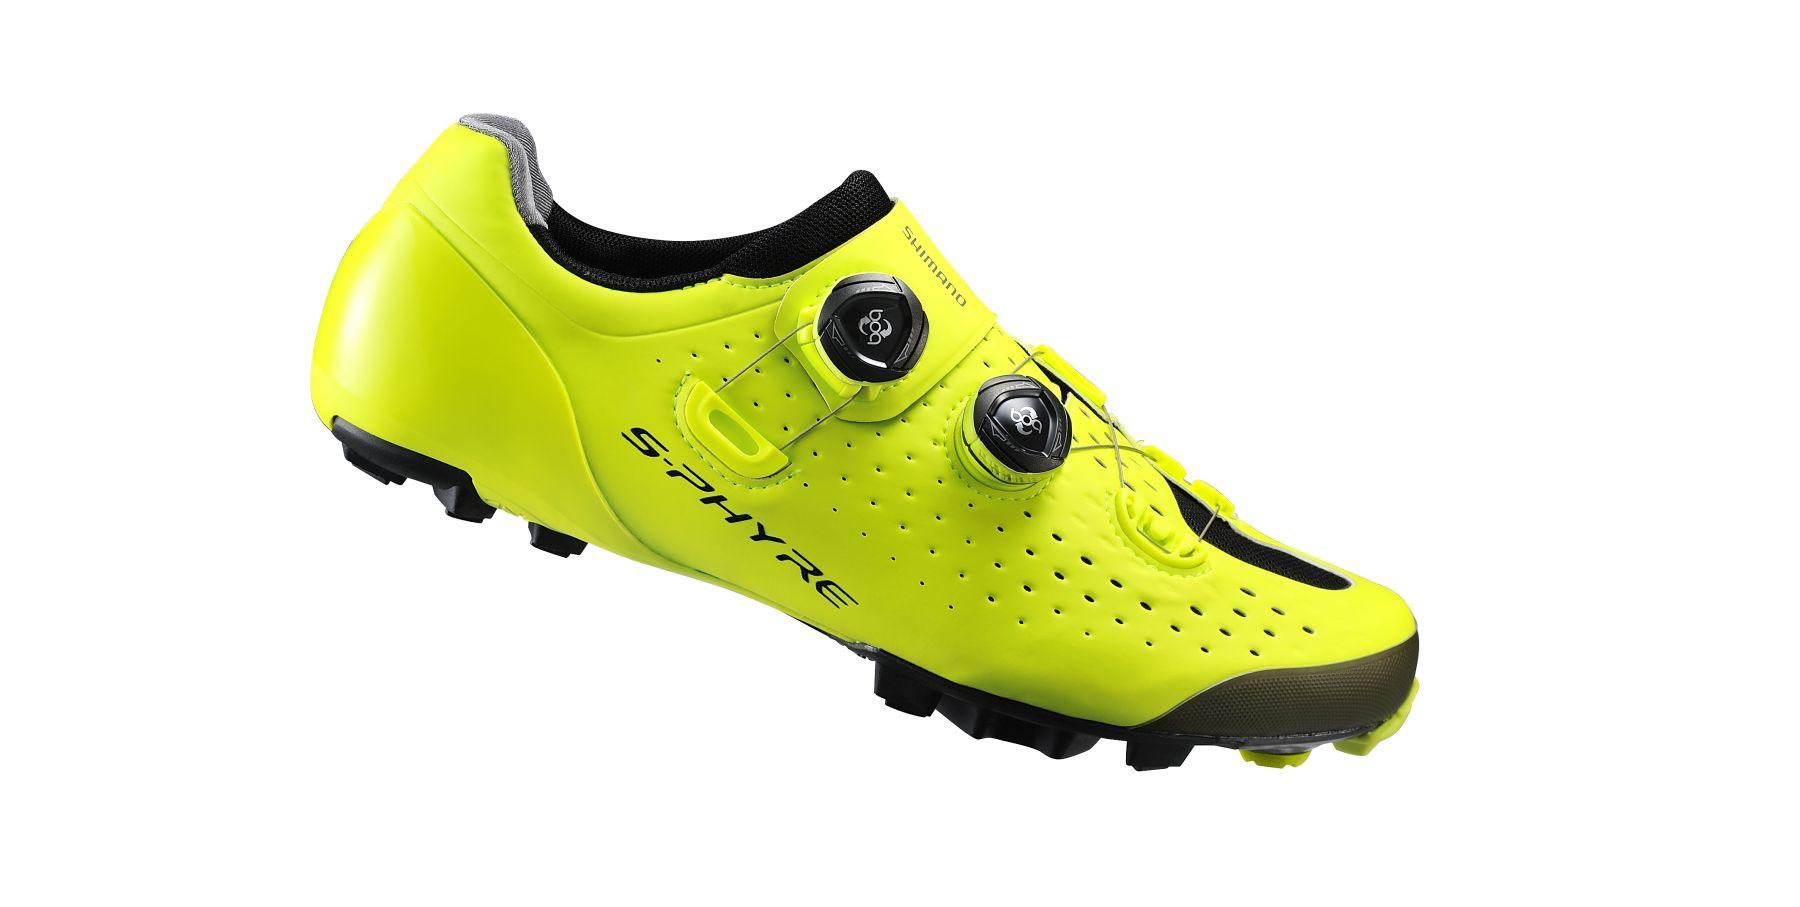 Shimano S-Phyre RC9 en amarillo